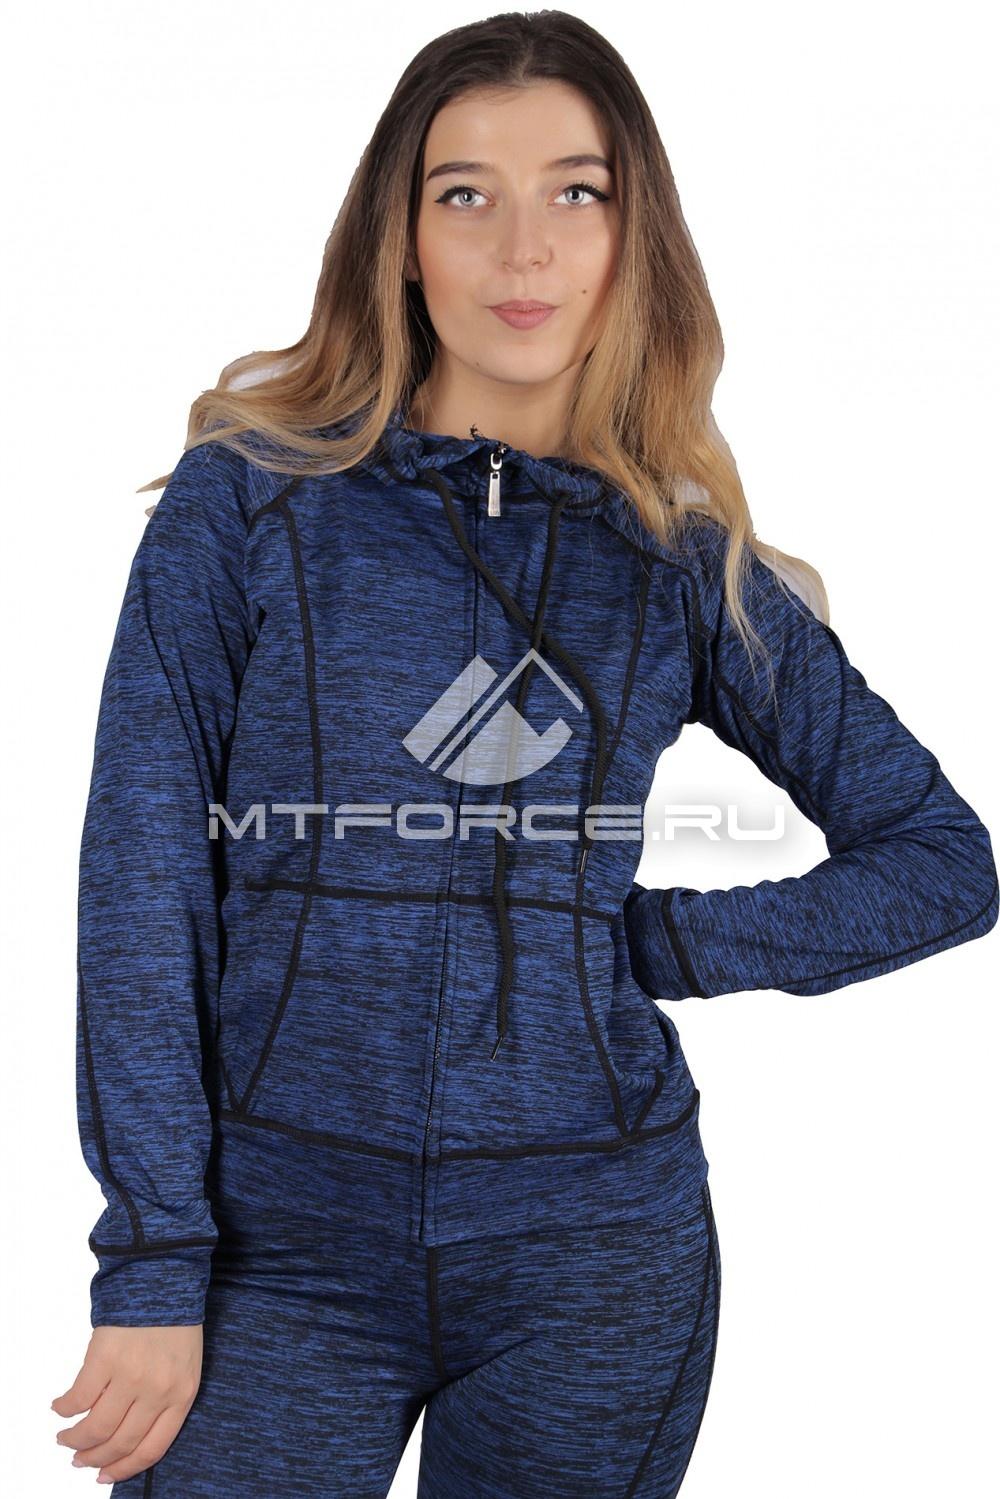 Купить  оптом Толстовка женская спортивная темно-синего цвета 1020TS